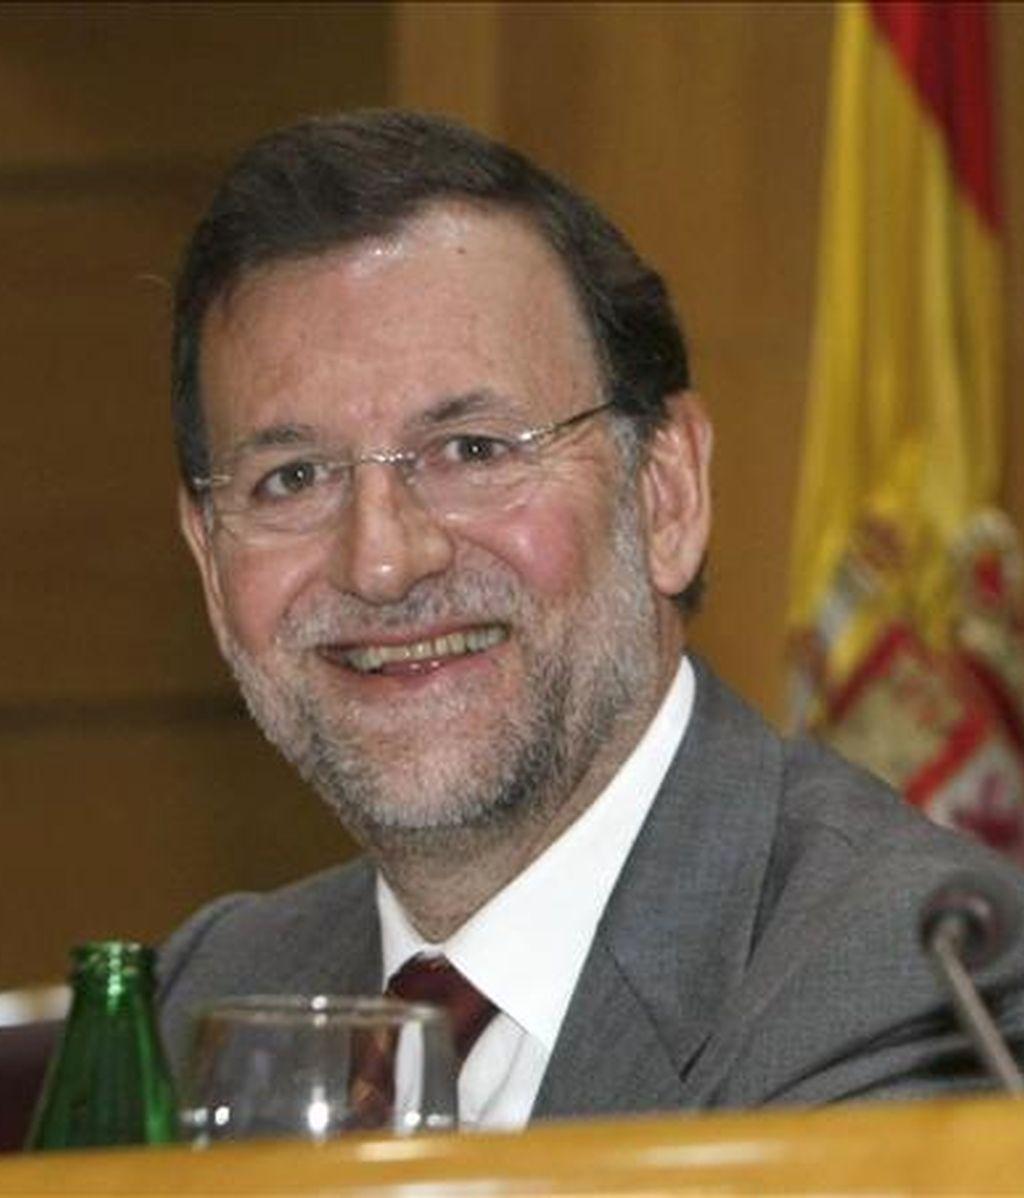 """El presidente del PP, Mariano Rajoy, ha asegurado que la gran preocupación de Trillo es que """"sancionen a sus colaboradores"""". Vídeo: ATLAS"""